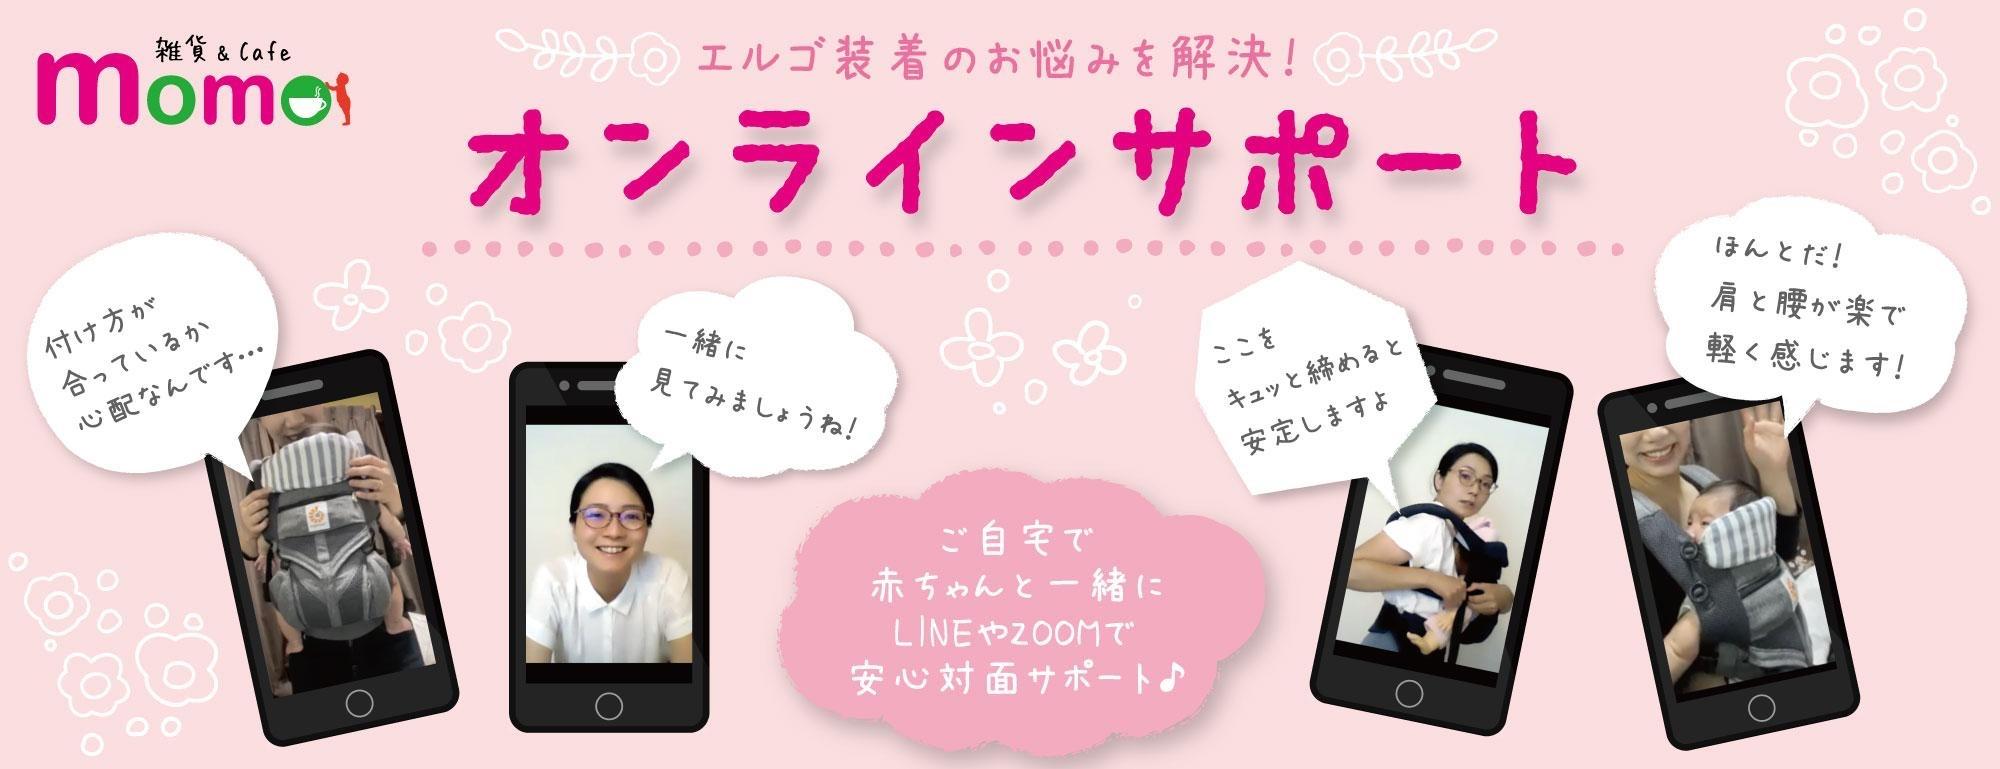 雑貨&カフェmomo紹介画像2